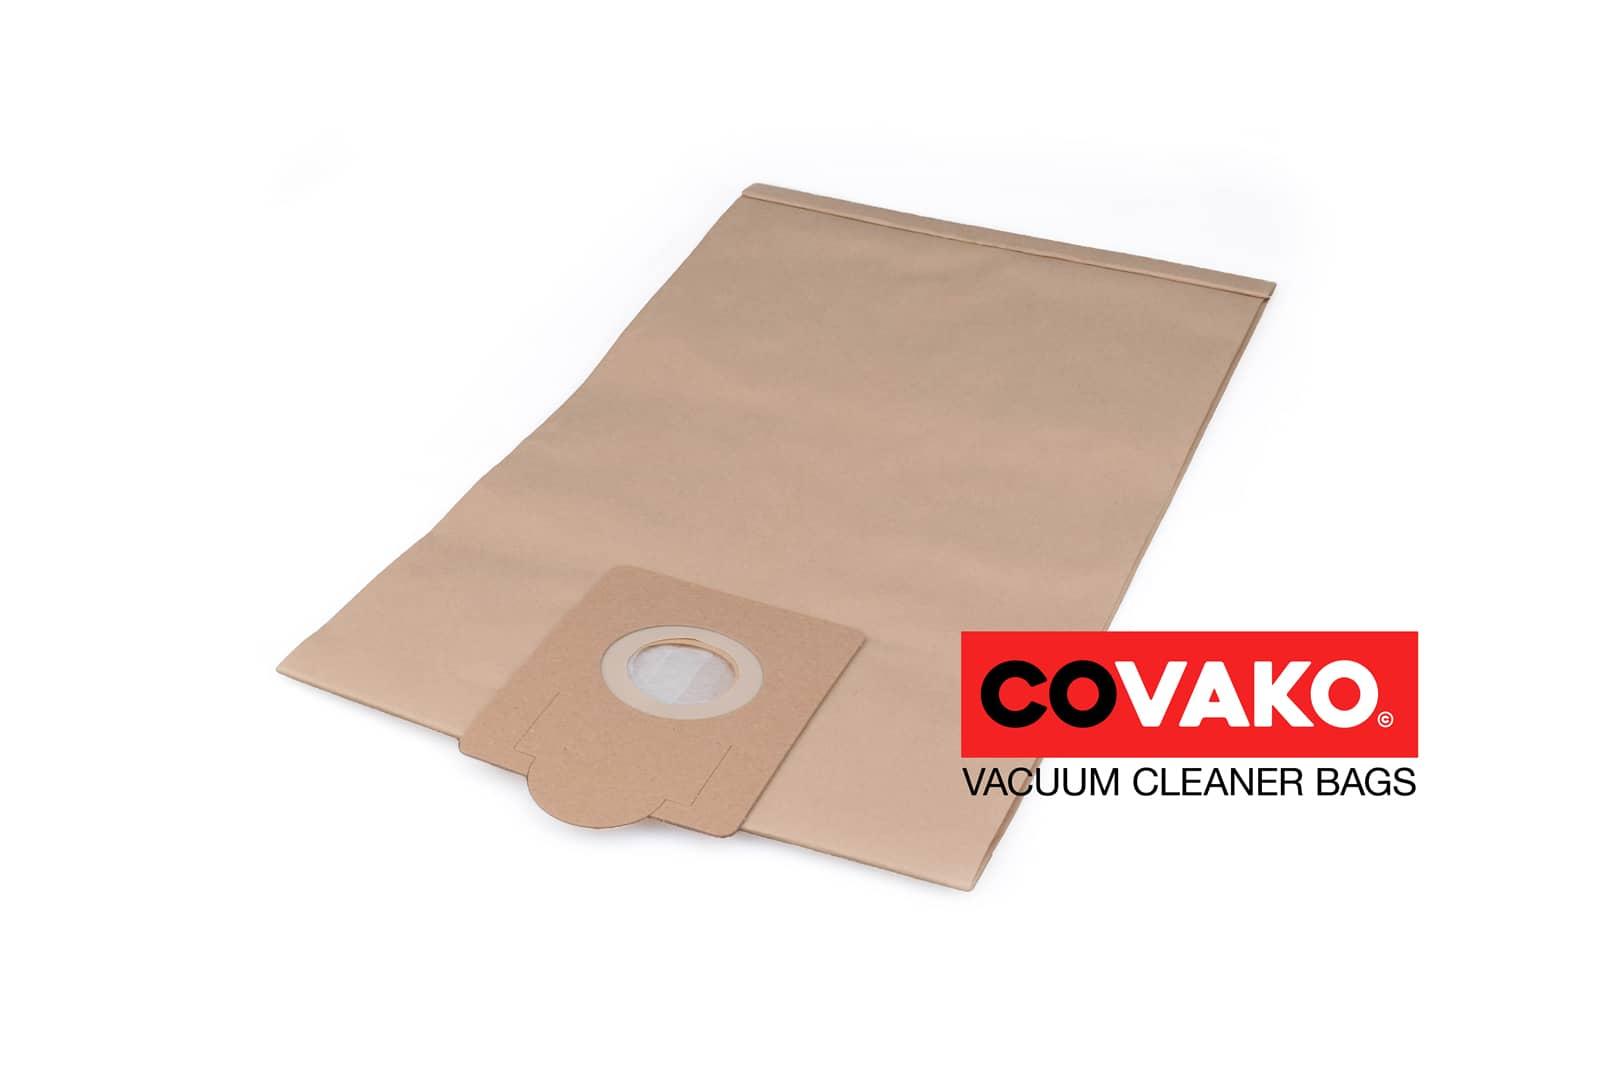 Fast K103200941 / Papier - Fast sacs d'aspirateur